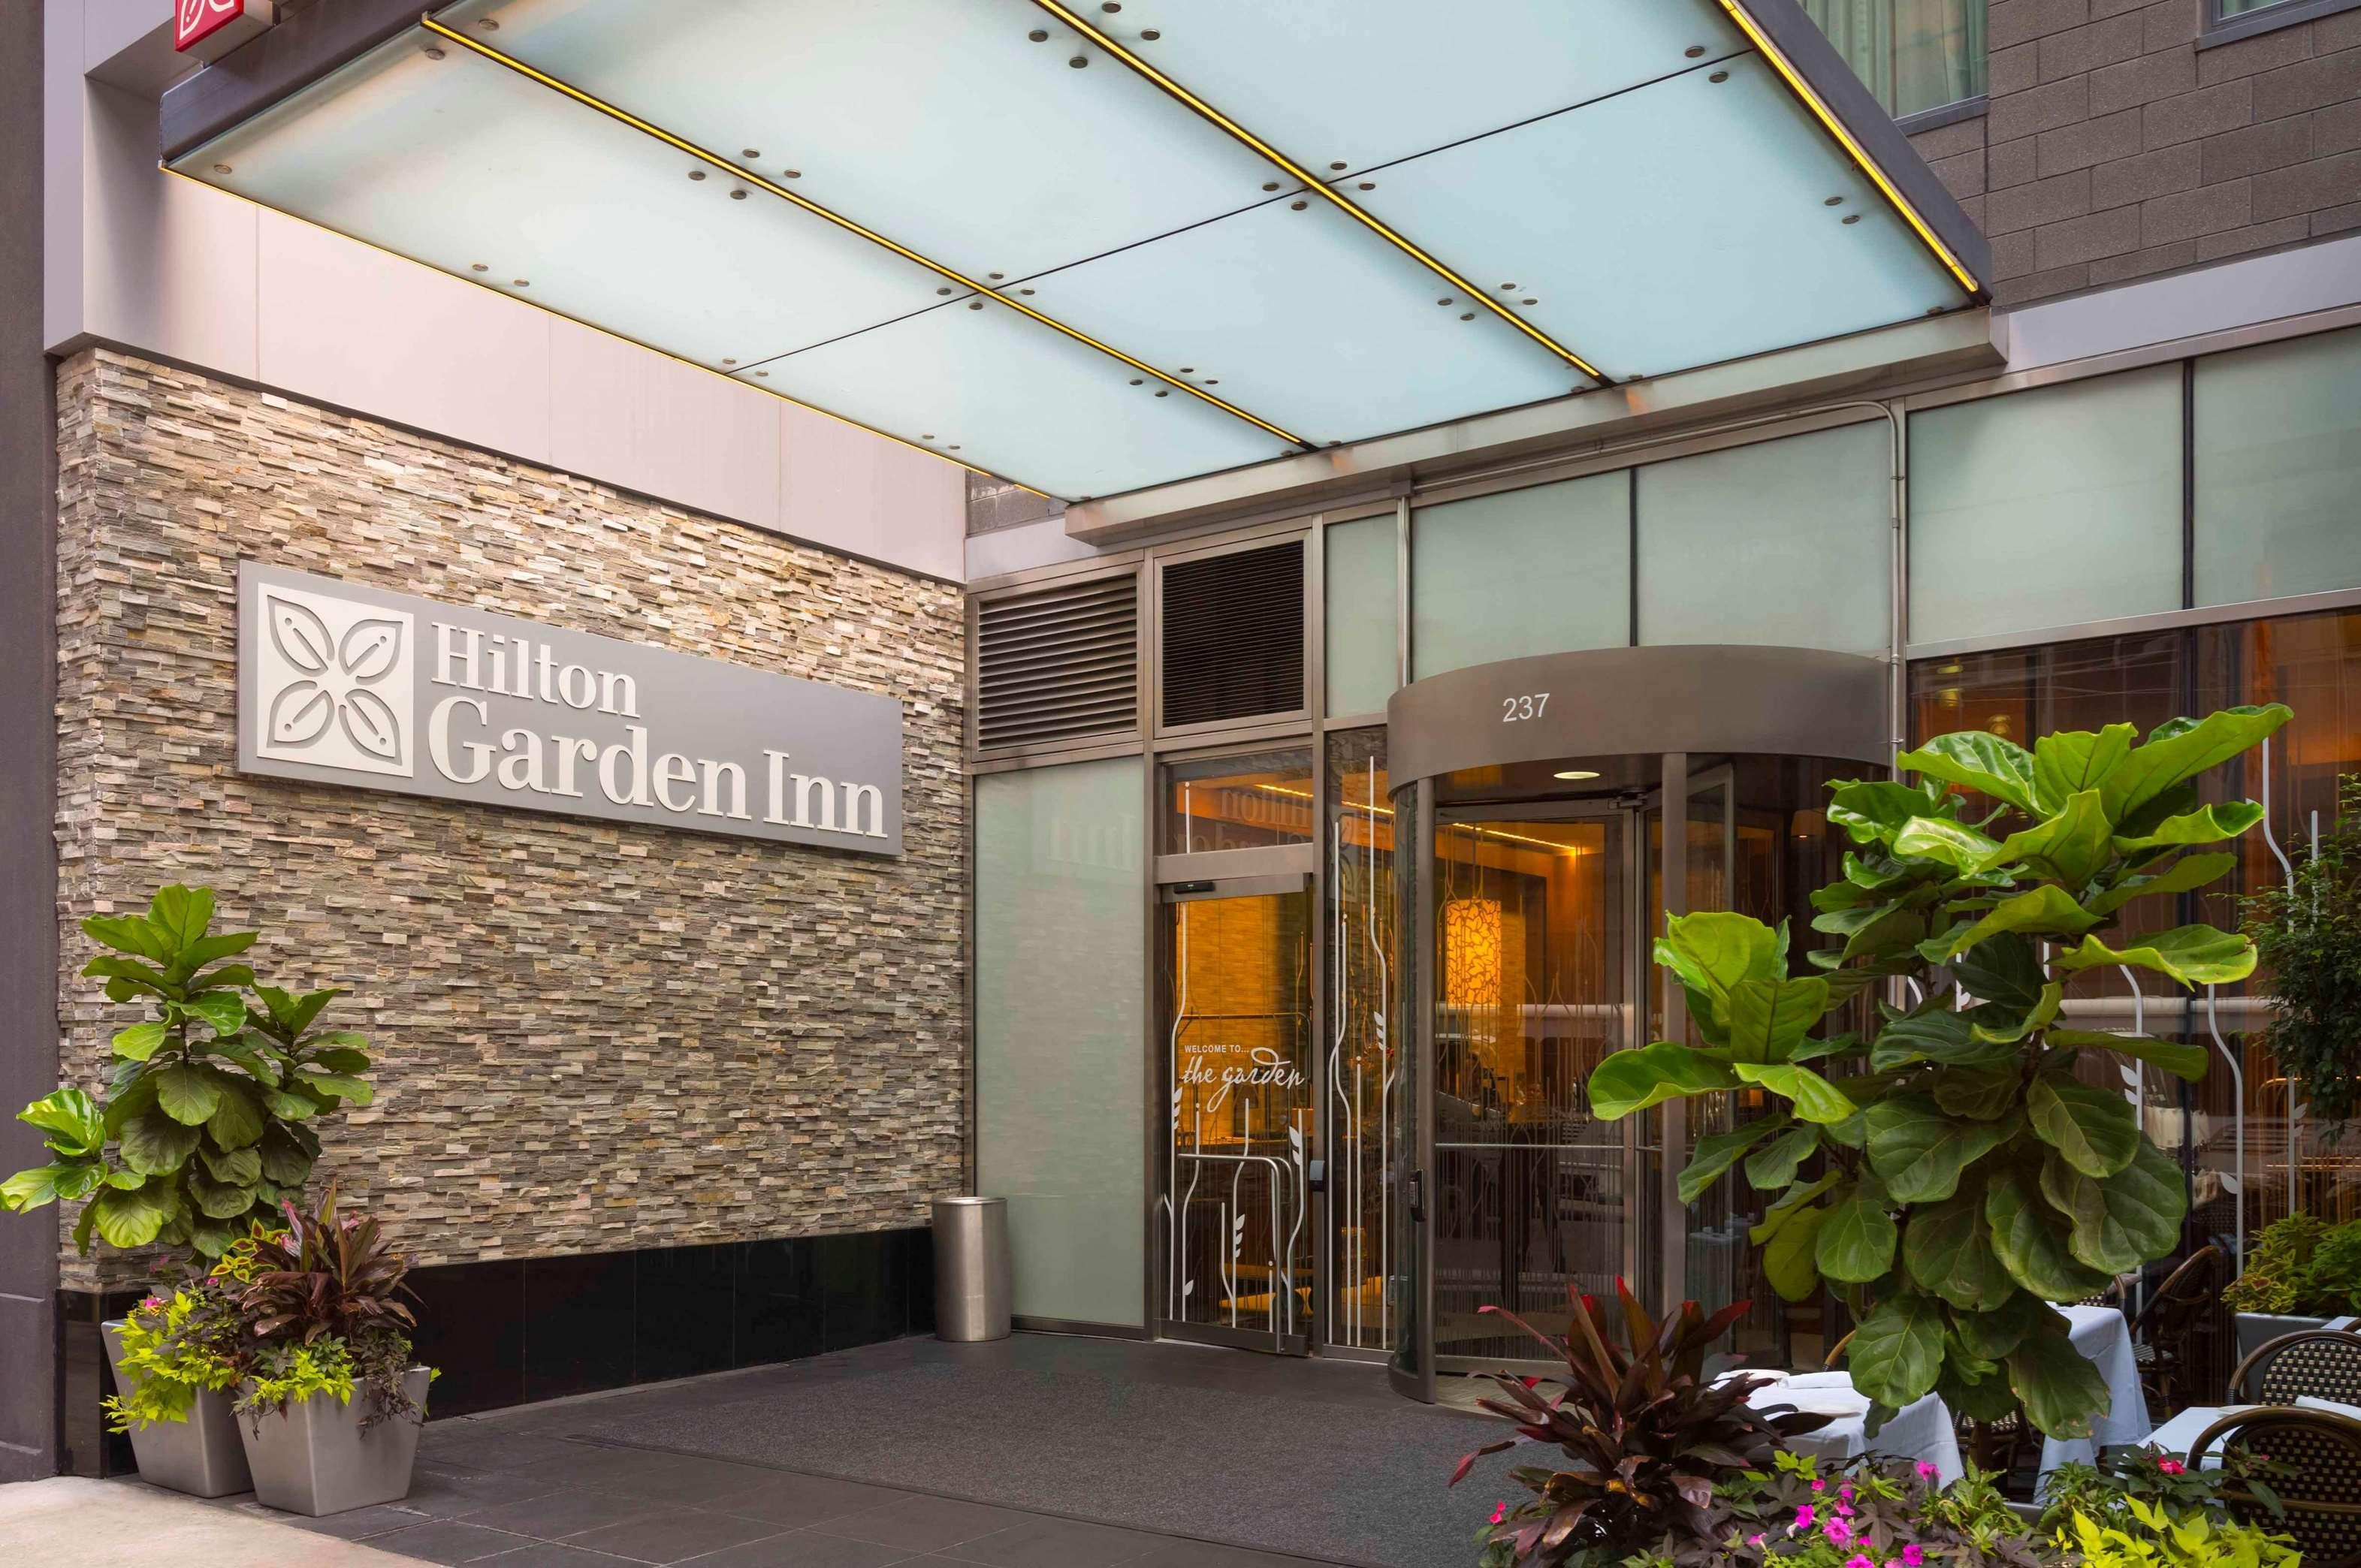 Hilton Garden Inn New York Central Park South Midtown West New York New York Ny